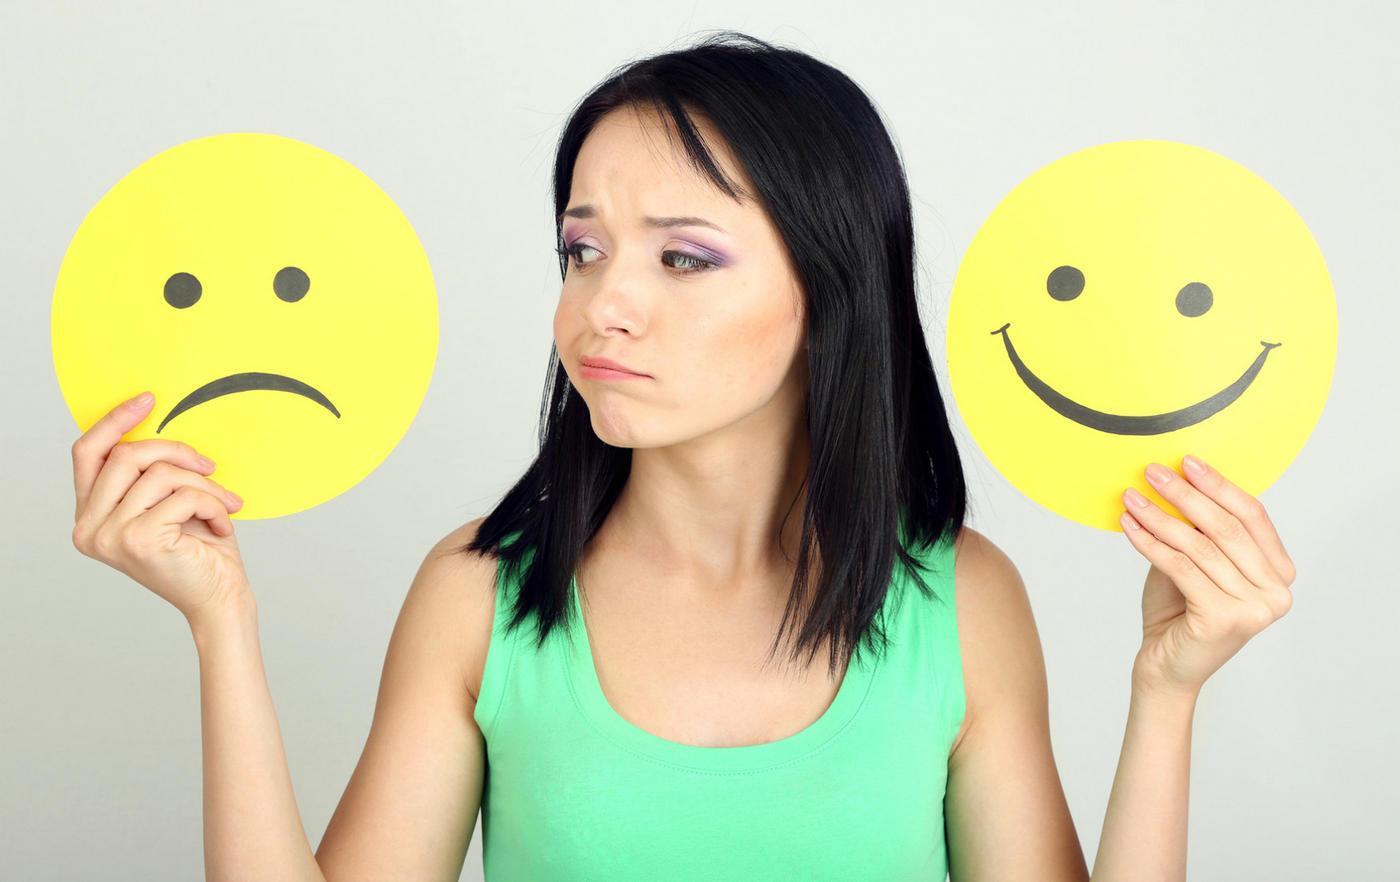 Выбирает между радостью и грустью